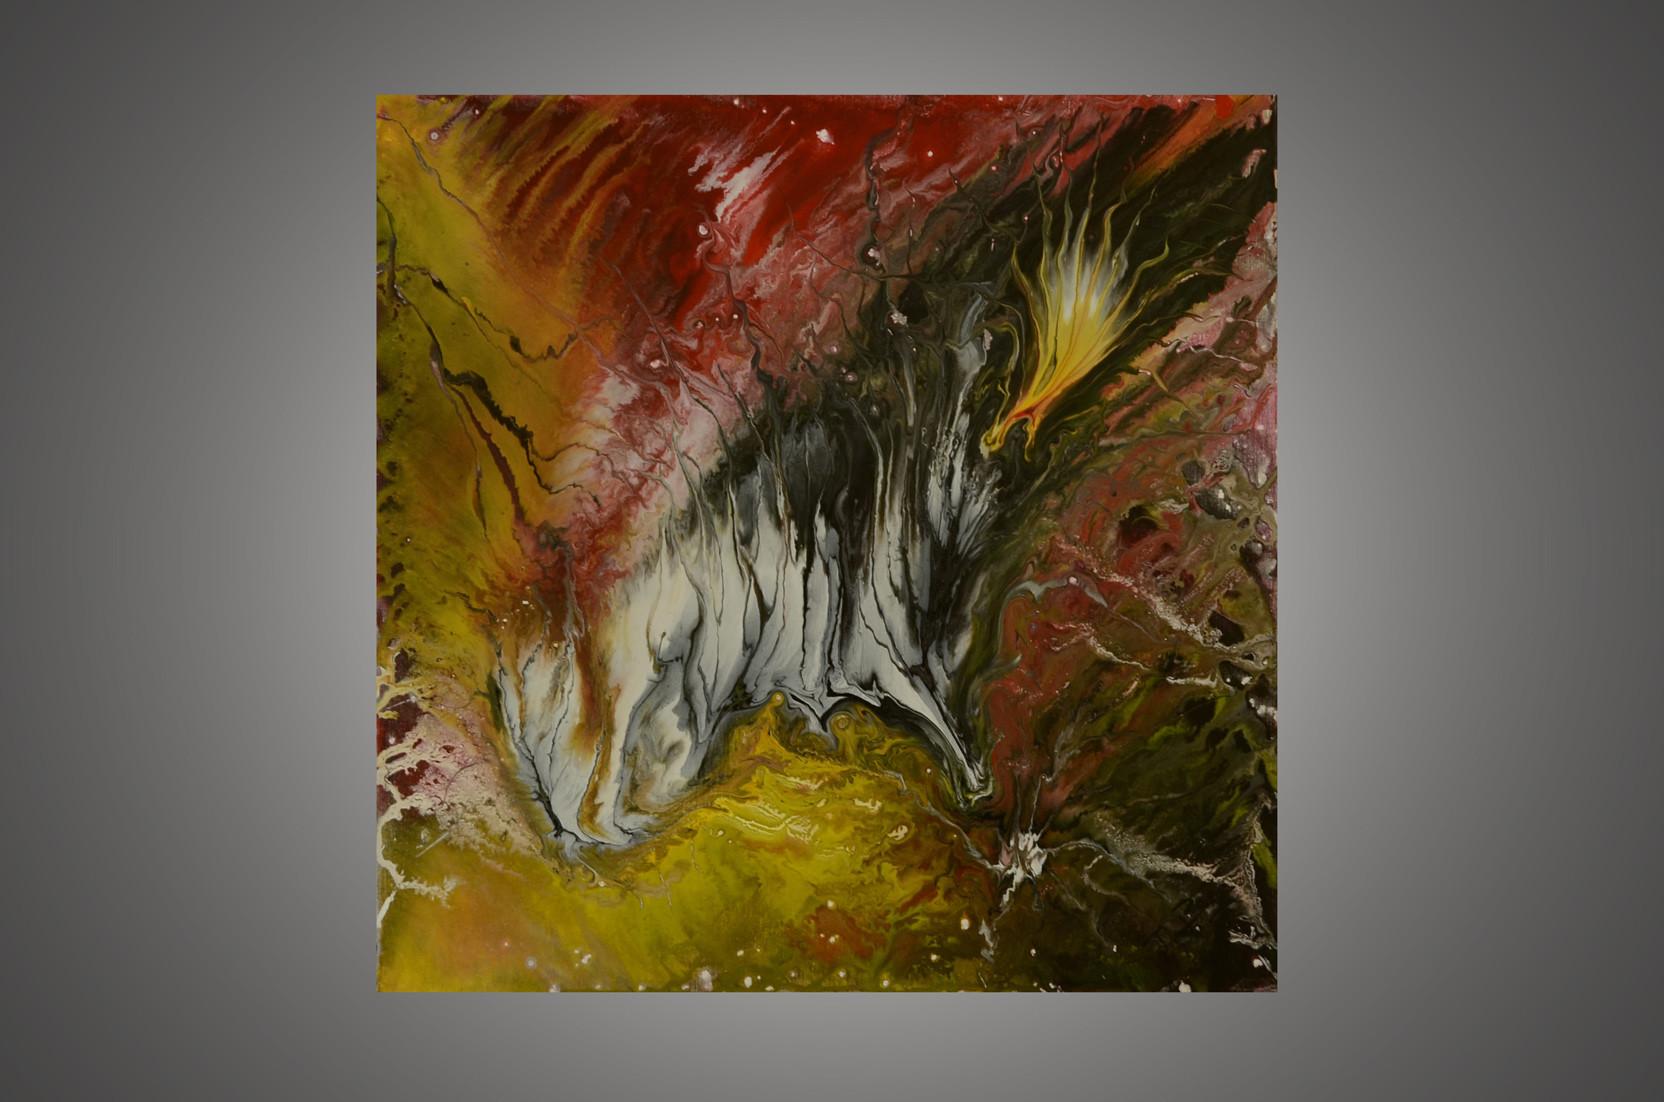 Tableaux peinture acrylique id es de design d 39 int rieur for Peinture acrylique